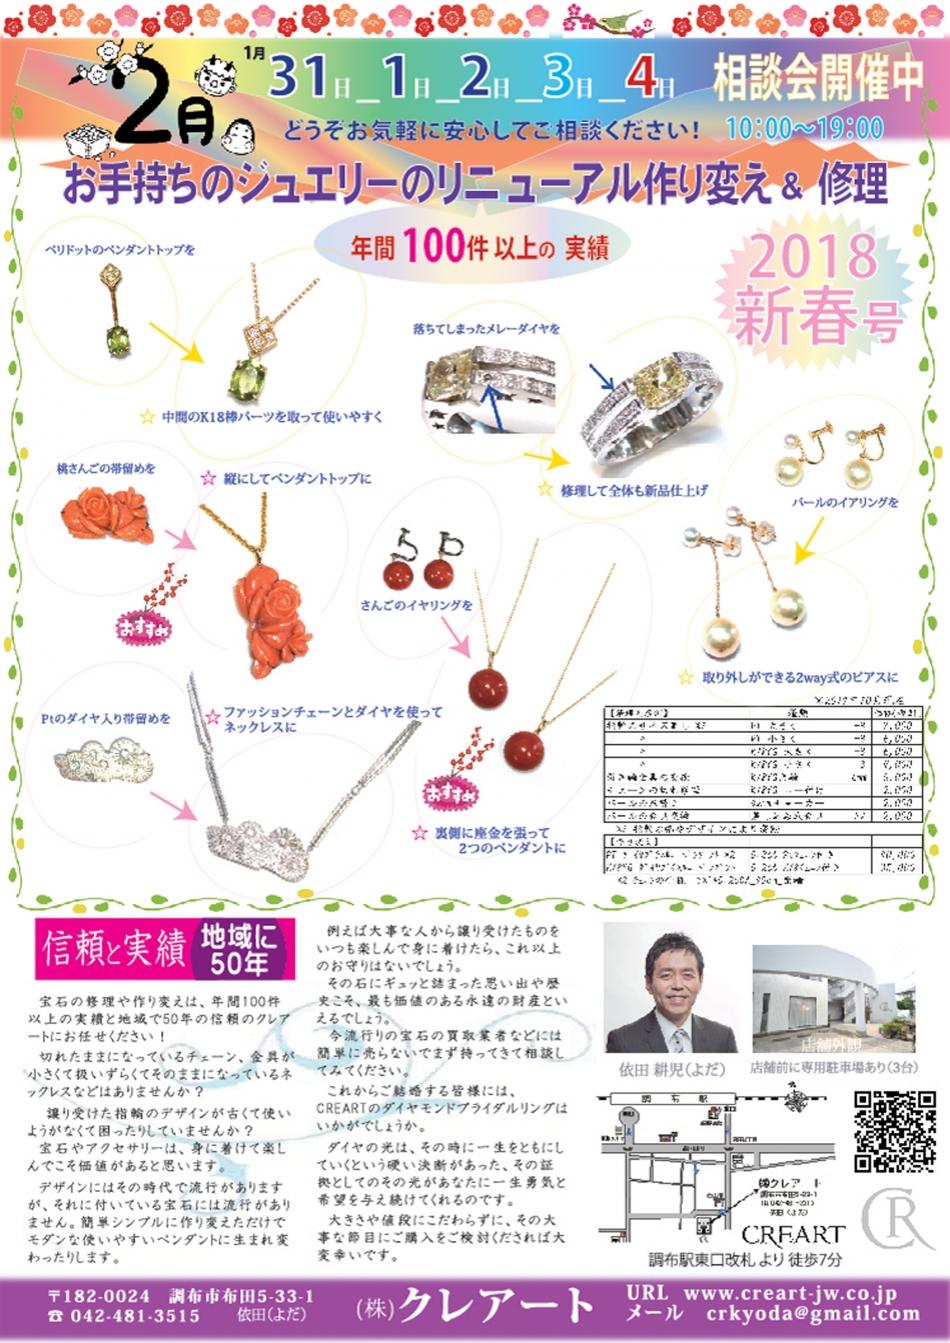 クレアート ~2018 新春のジュエリー作り変え&修理の相談会~